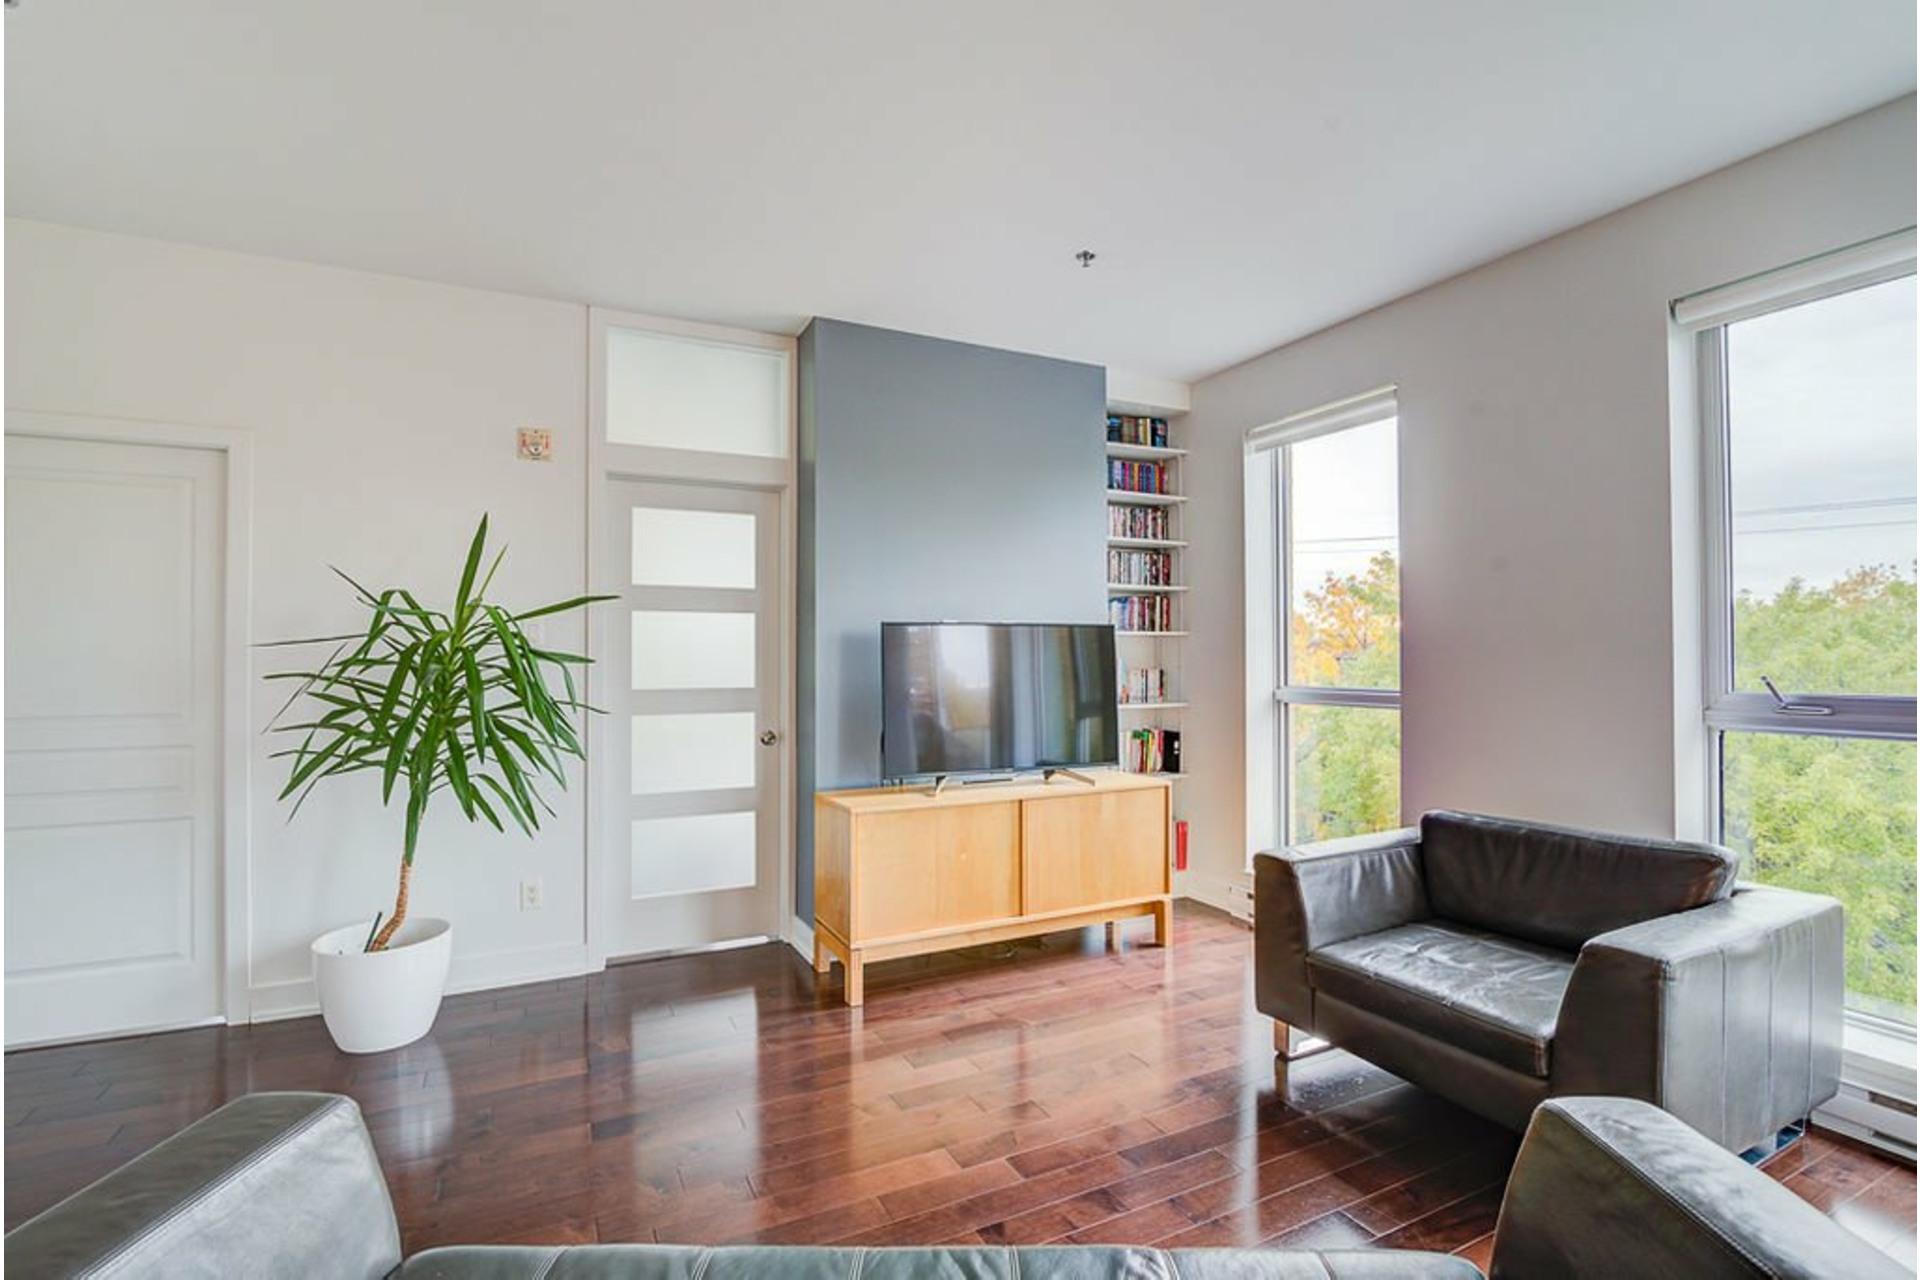 image 4 - Appartement À vendre Villeray/Saint-Michel/Parc-Extension Montréal  - 6 pièces